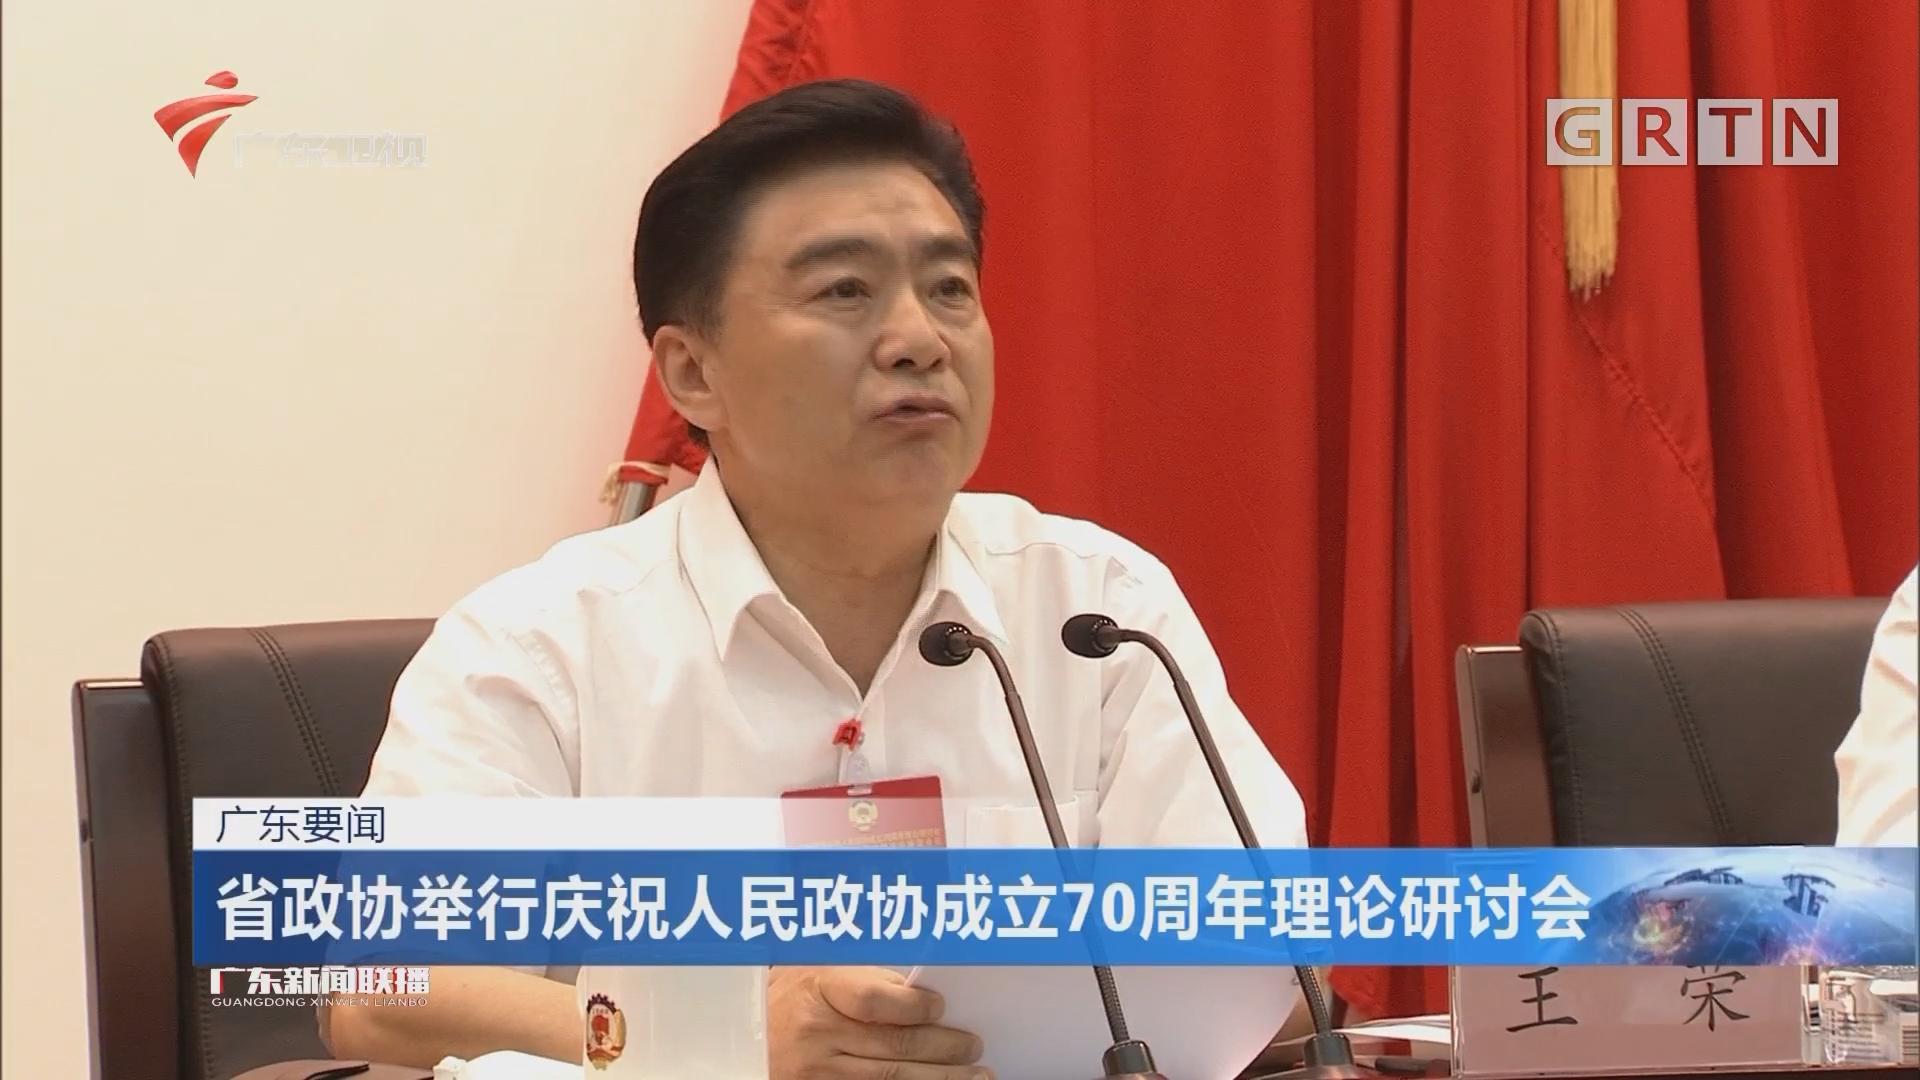 省政协举行庆祝人民政协成立70周年理论研讨会